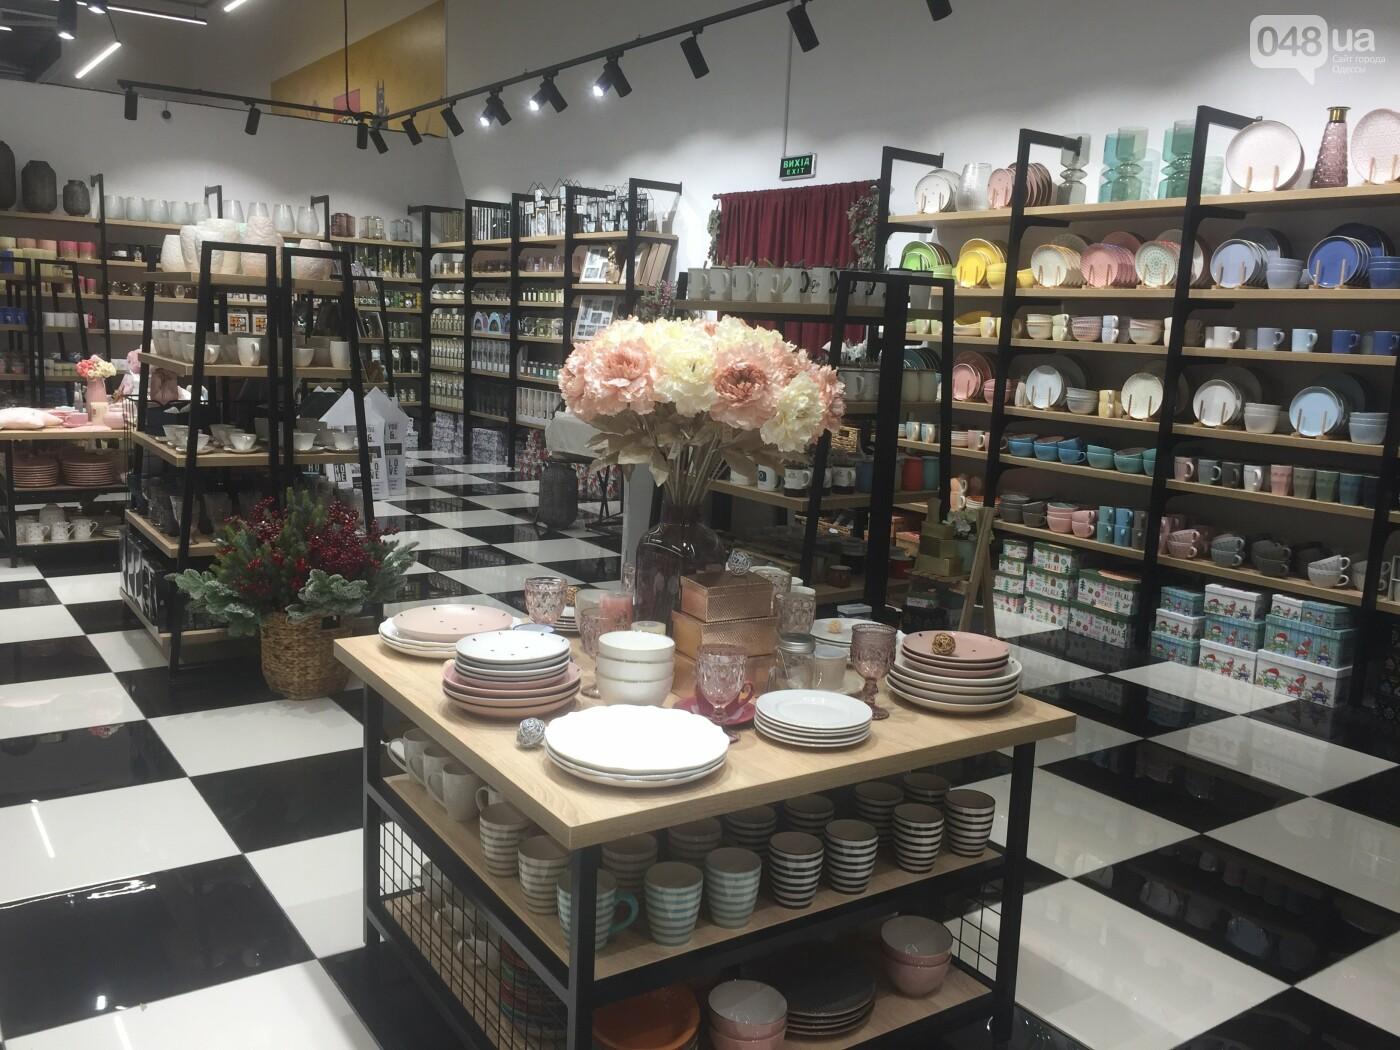 В Одессе состоялось открытие Creative Mall: уникальный формат супермаркета канцтоваров становится ближе , фото-25